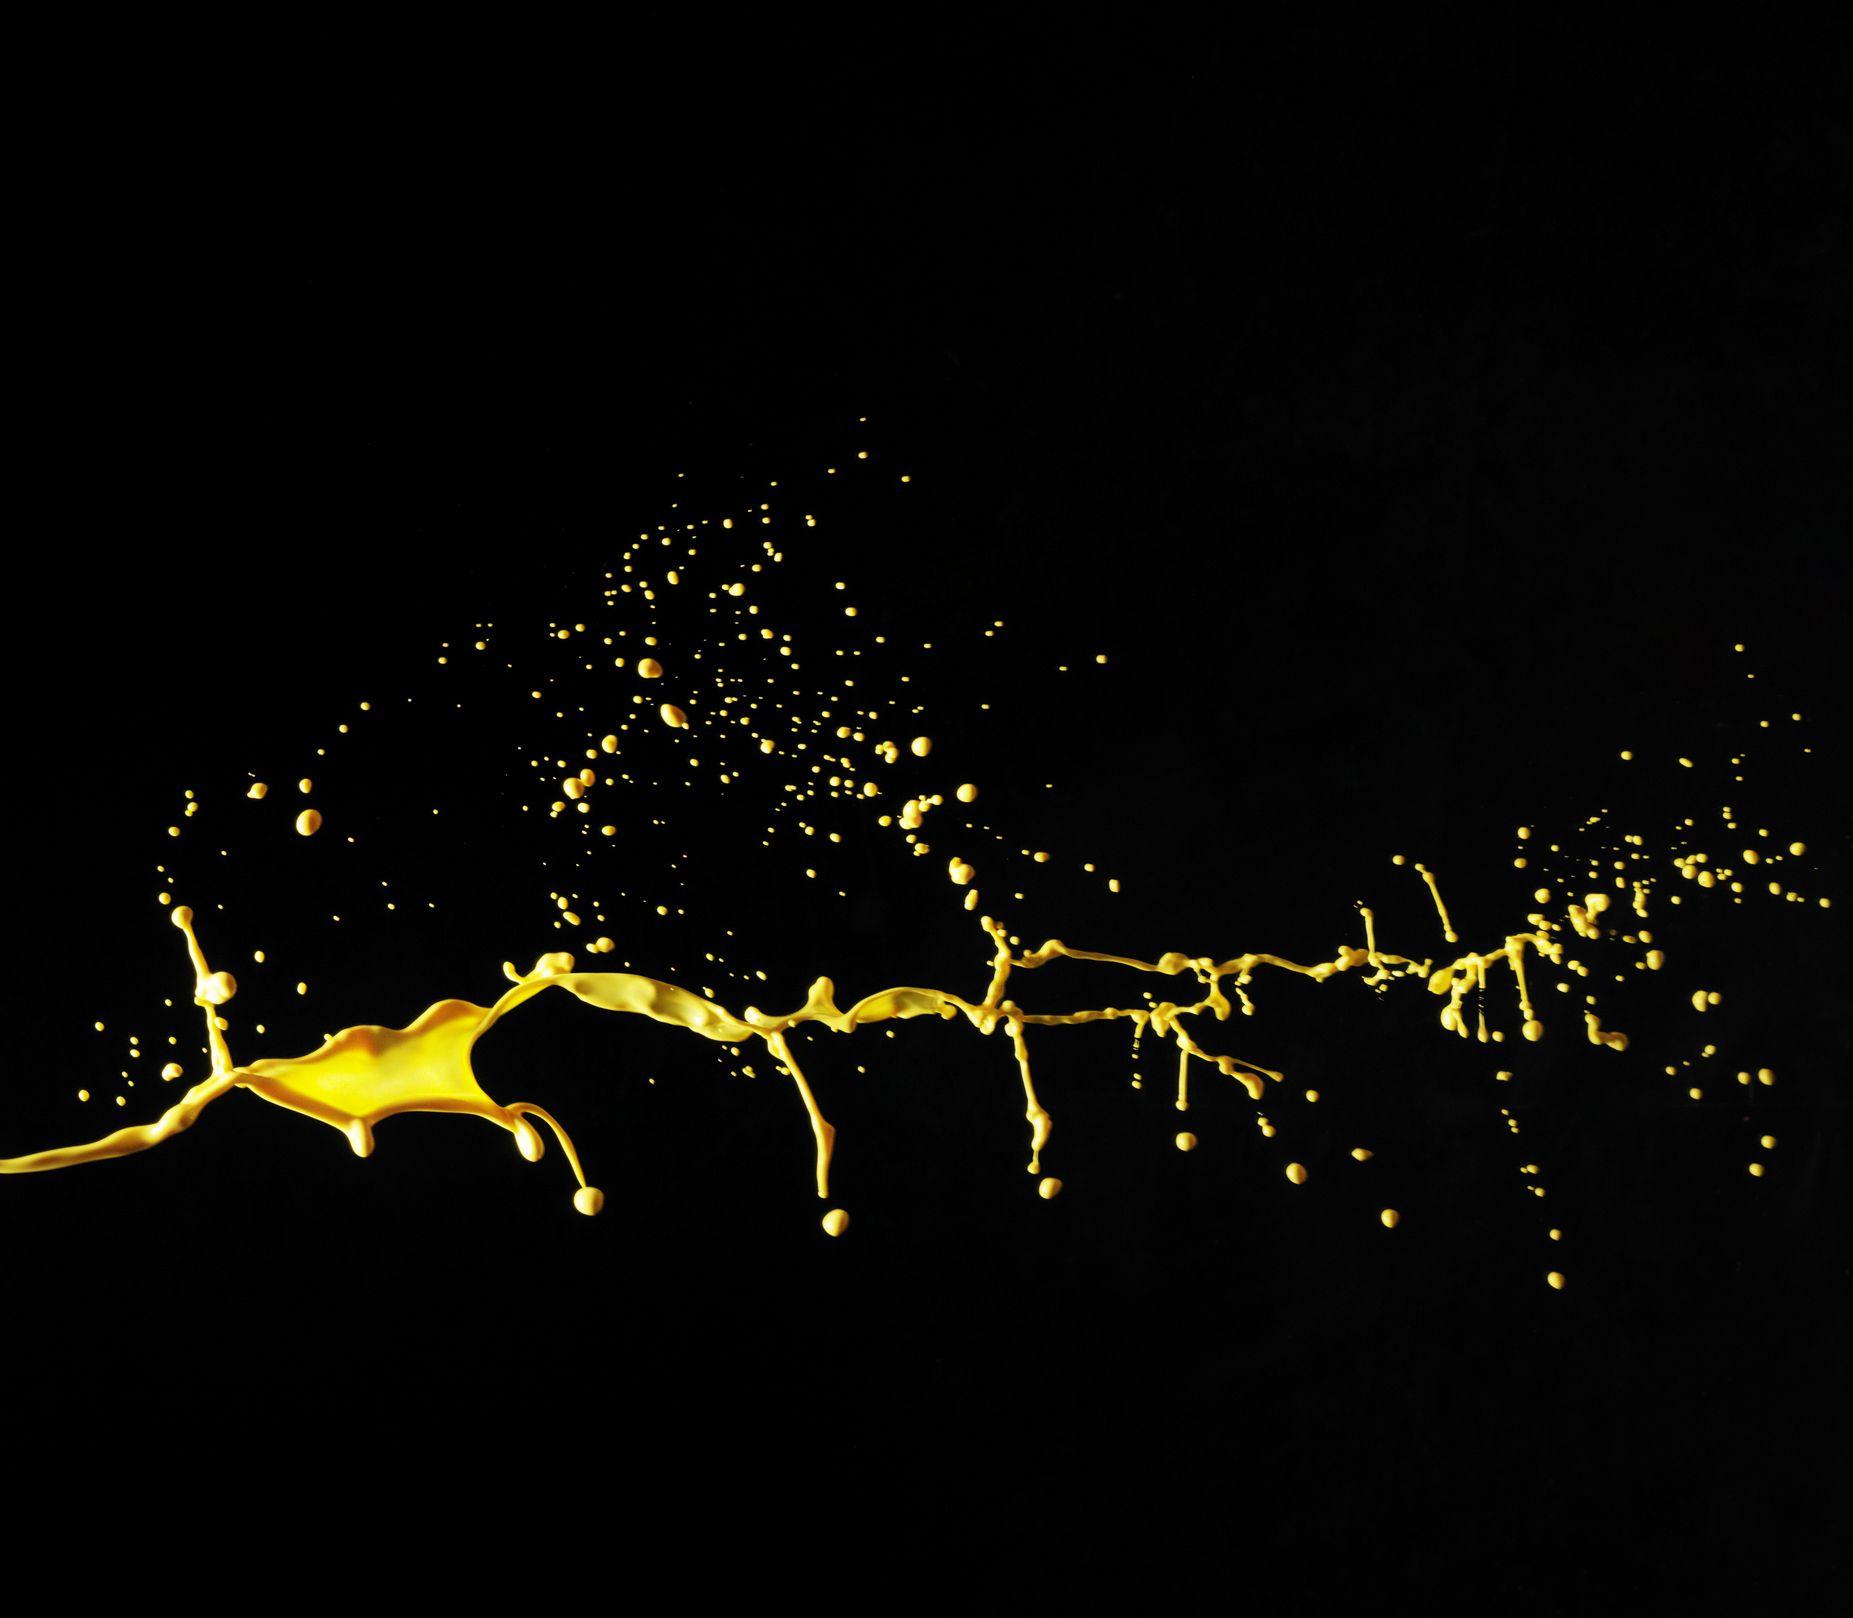 Yellow color splash on black paint canvas